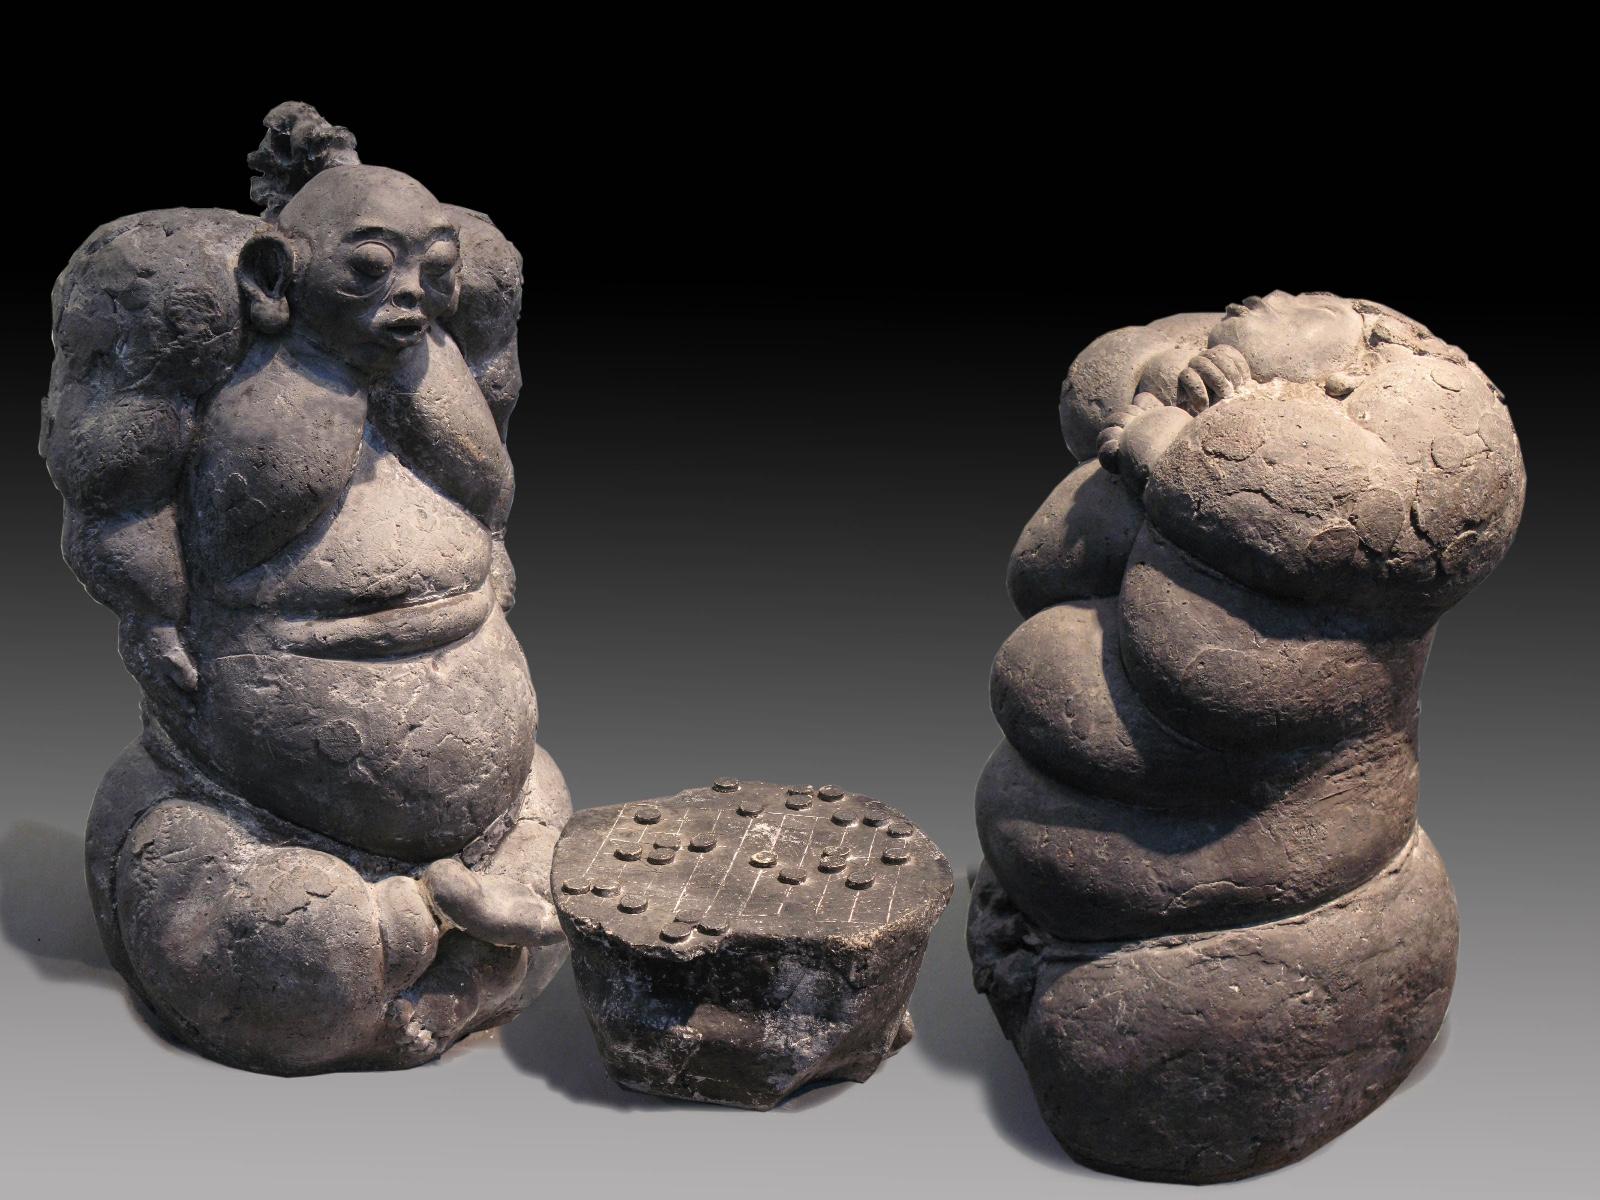 15、吕品昌 阿福no.8 陶140x50x72cm 1993年 中国奥林匹克博物馆收藏.jpg